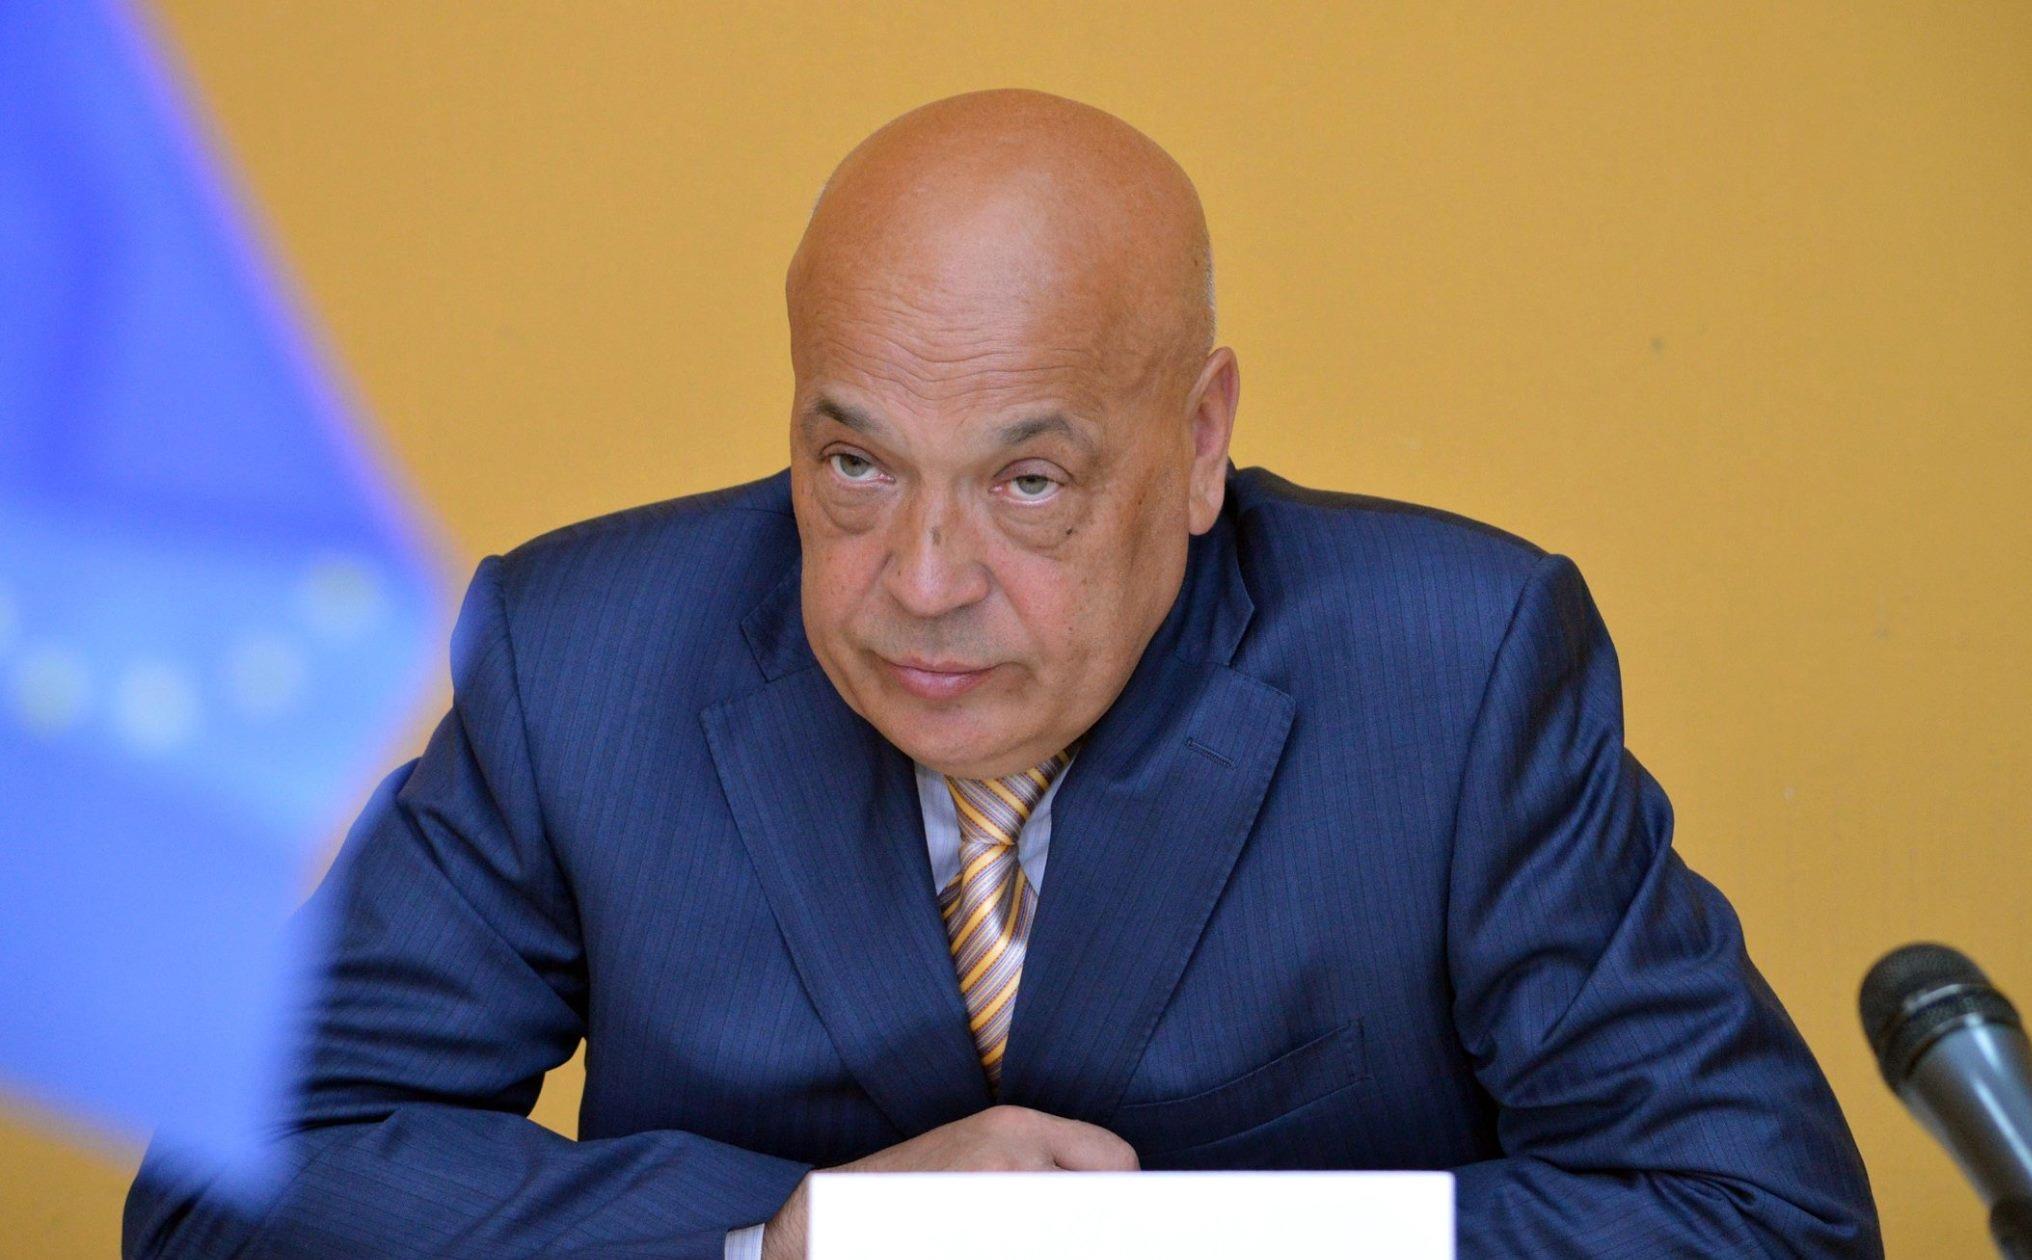 Геннадій Москаль заявив, що російські спецслужби викидують гроші на вітер, щоб розхитати ситуацію на Закарпатті